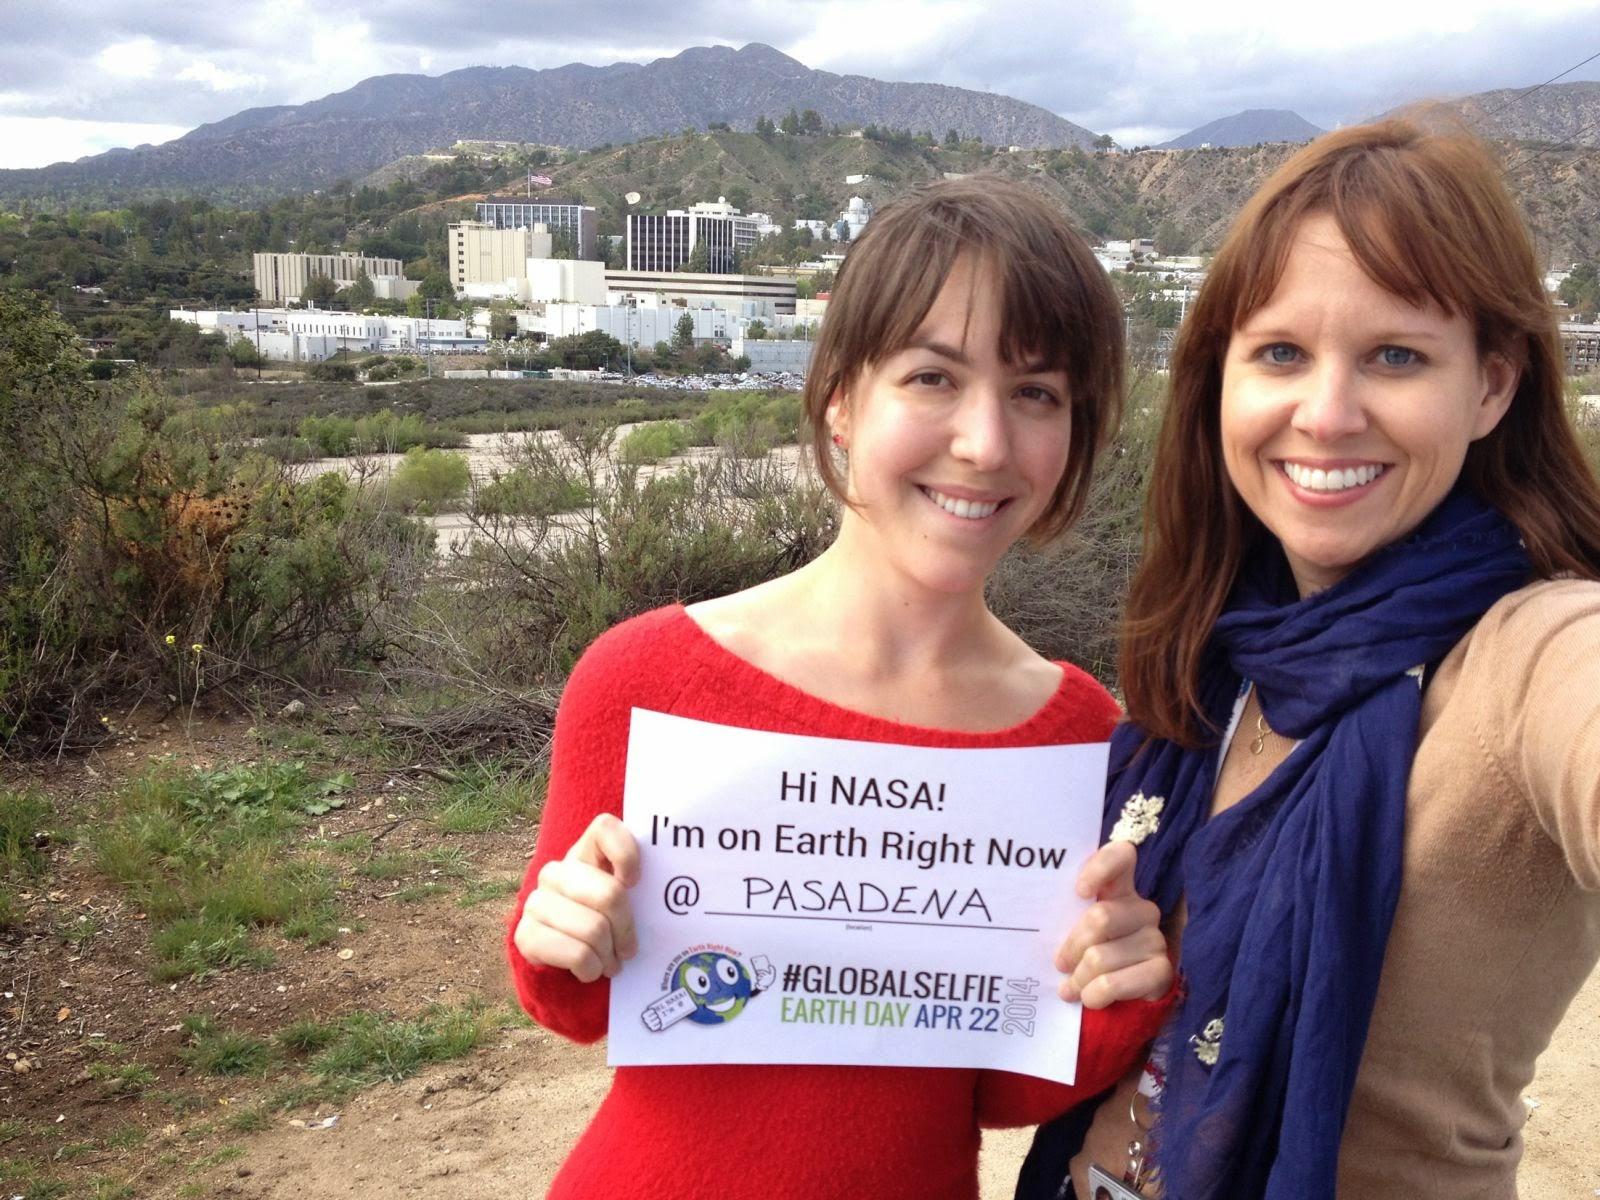 Menyambut Hari Bumi, NASA Menyelenggarakan Global Selfie